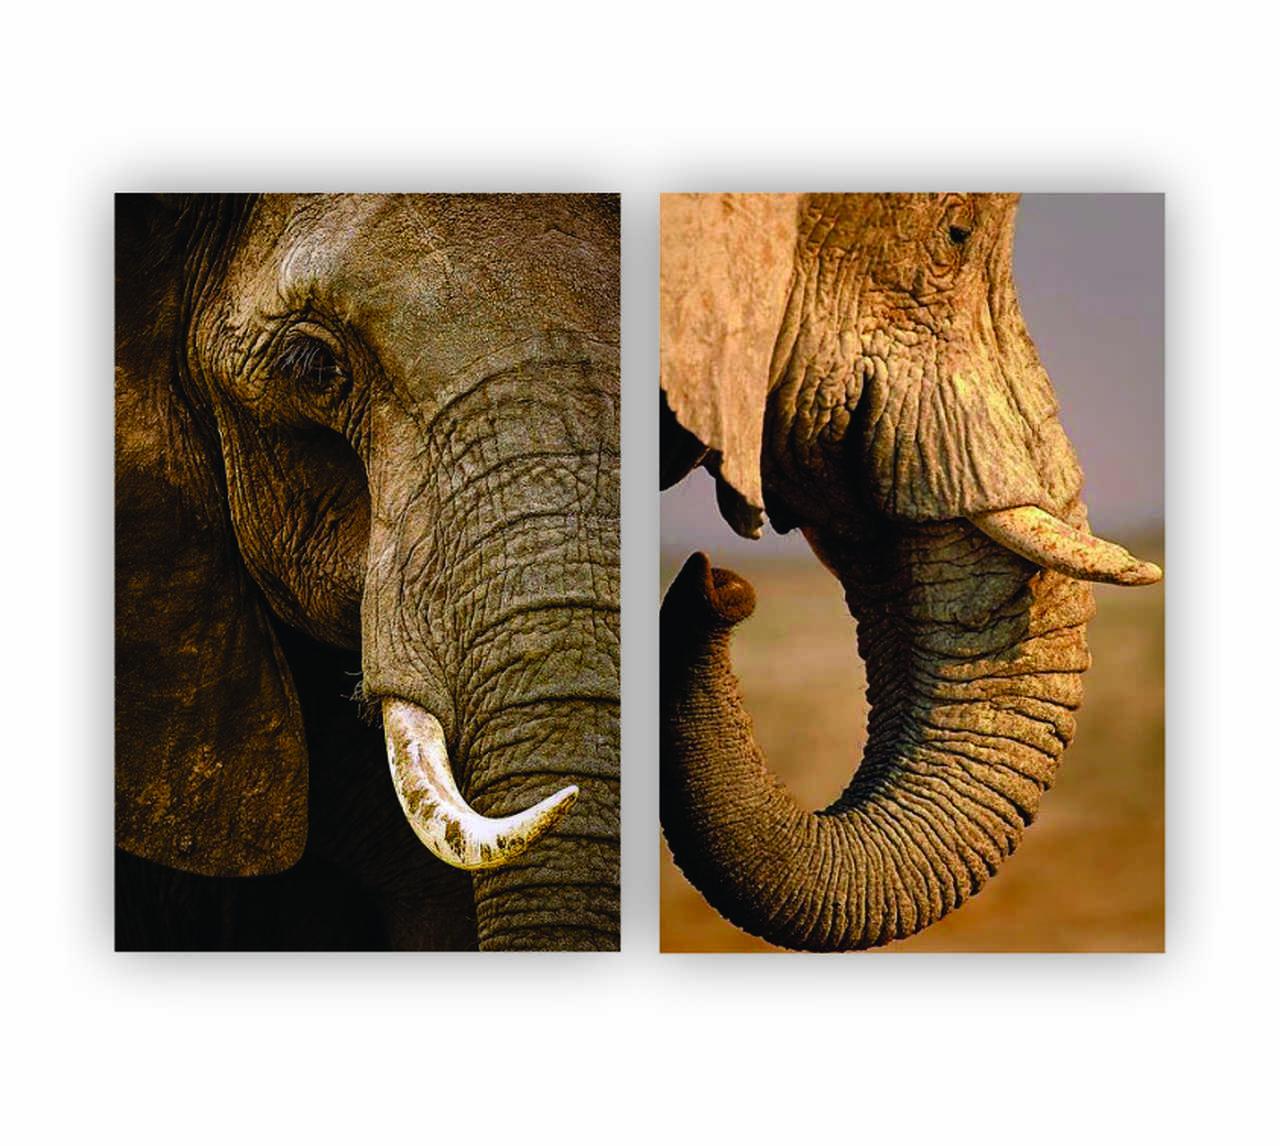 Quadro Elefante Animal Savana -  Kit 2 telas